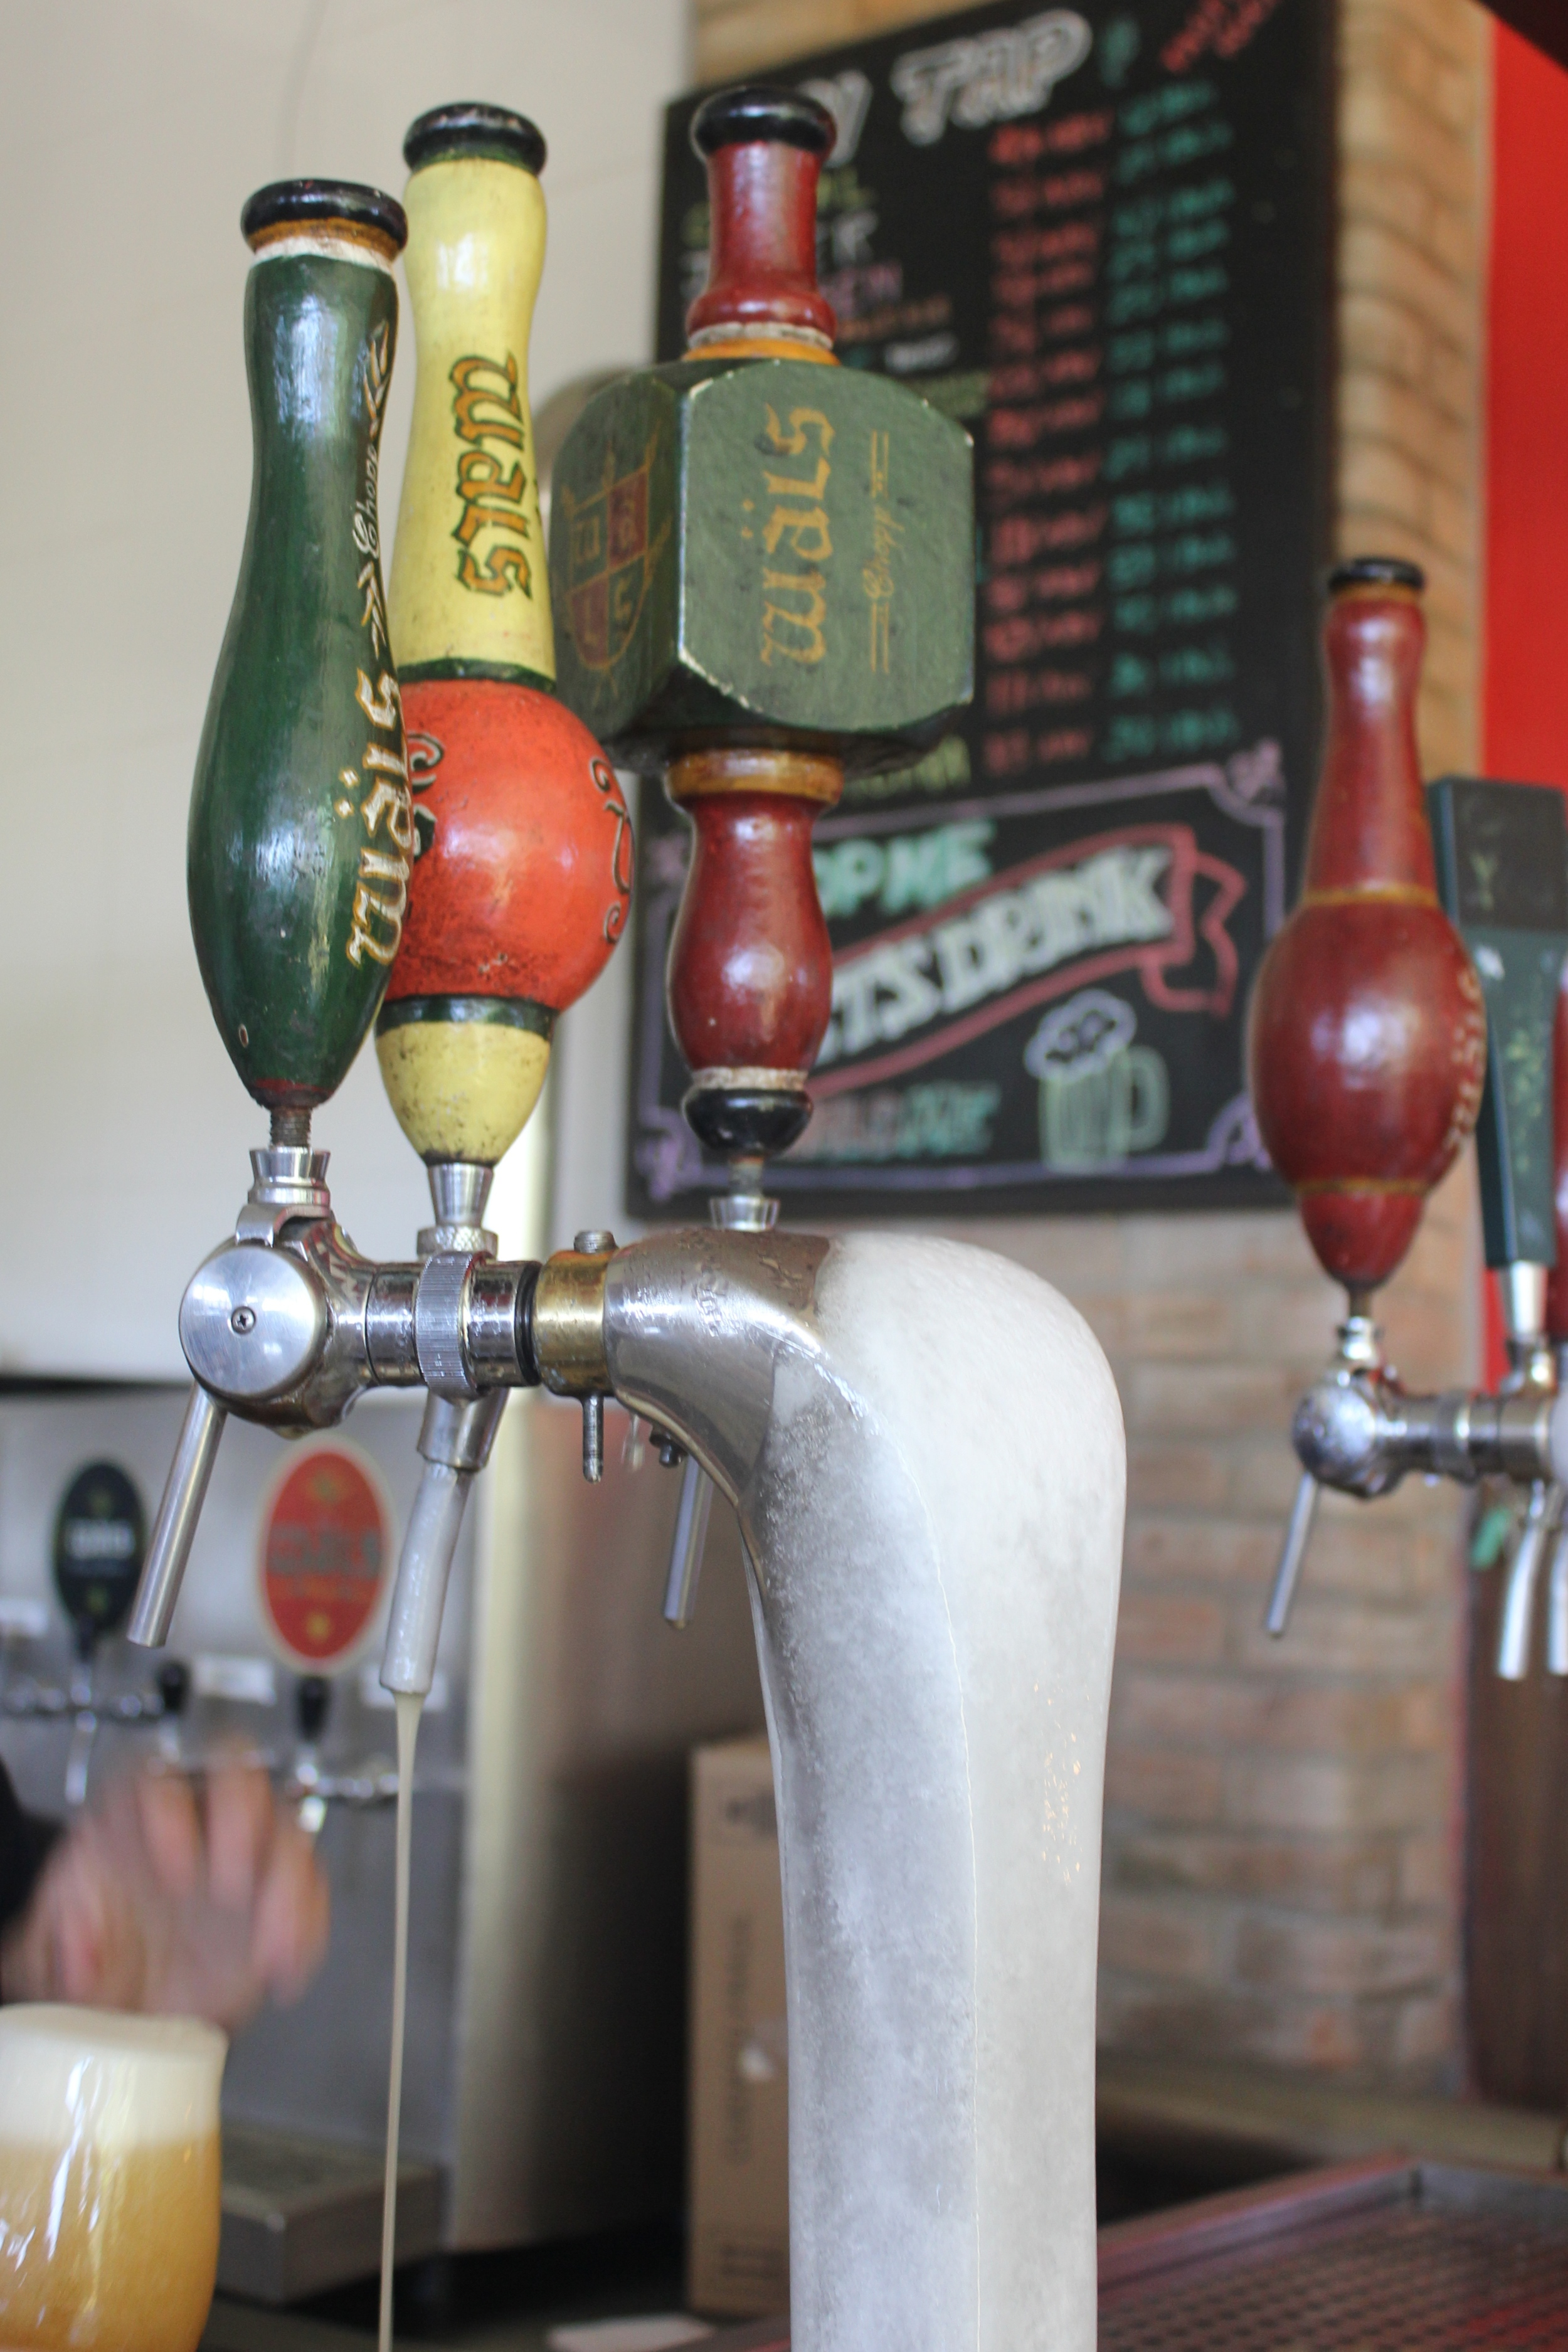 Cervejaria nasceu com um propósito mais modesto e se reinventou (Foto: Priscilla Colares)